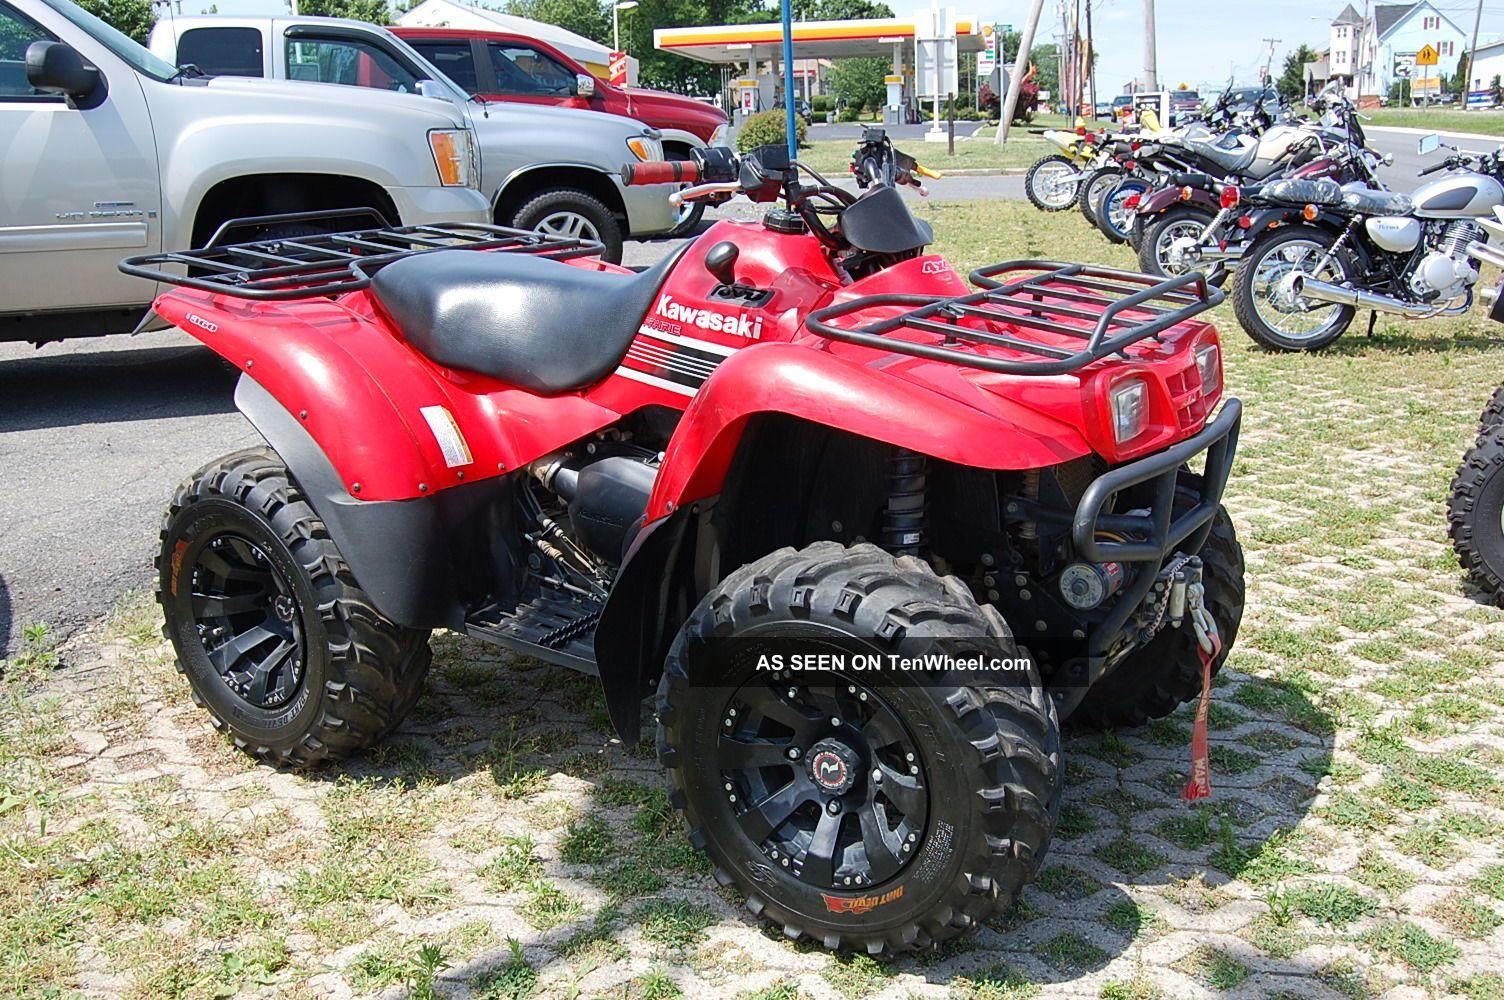 2008 Kawasaki Kvf360a8f Kawasaki photo